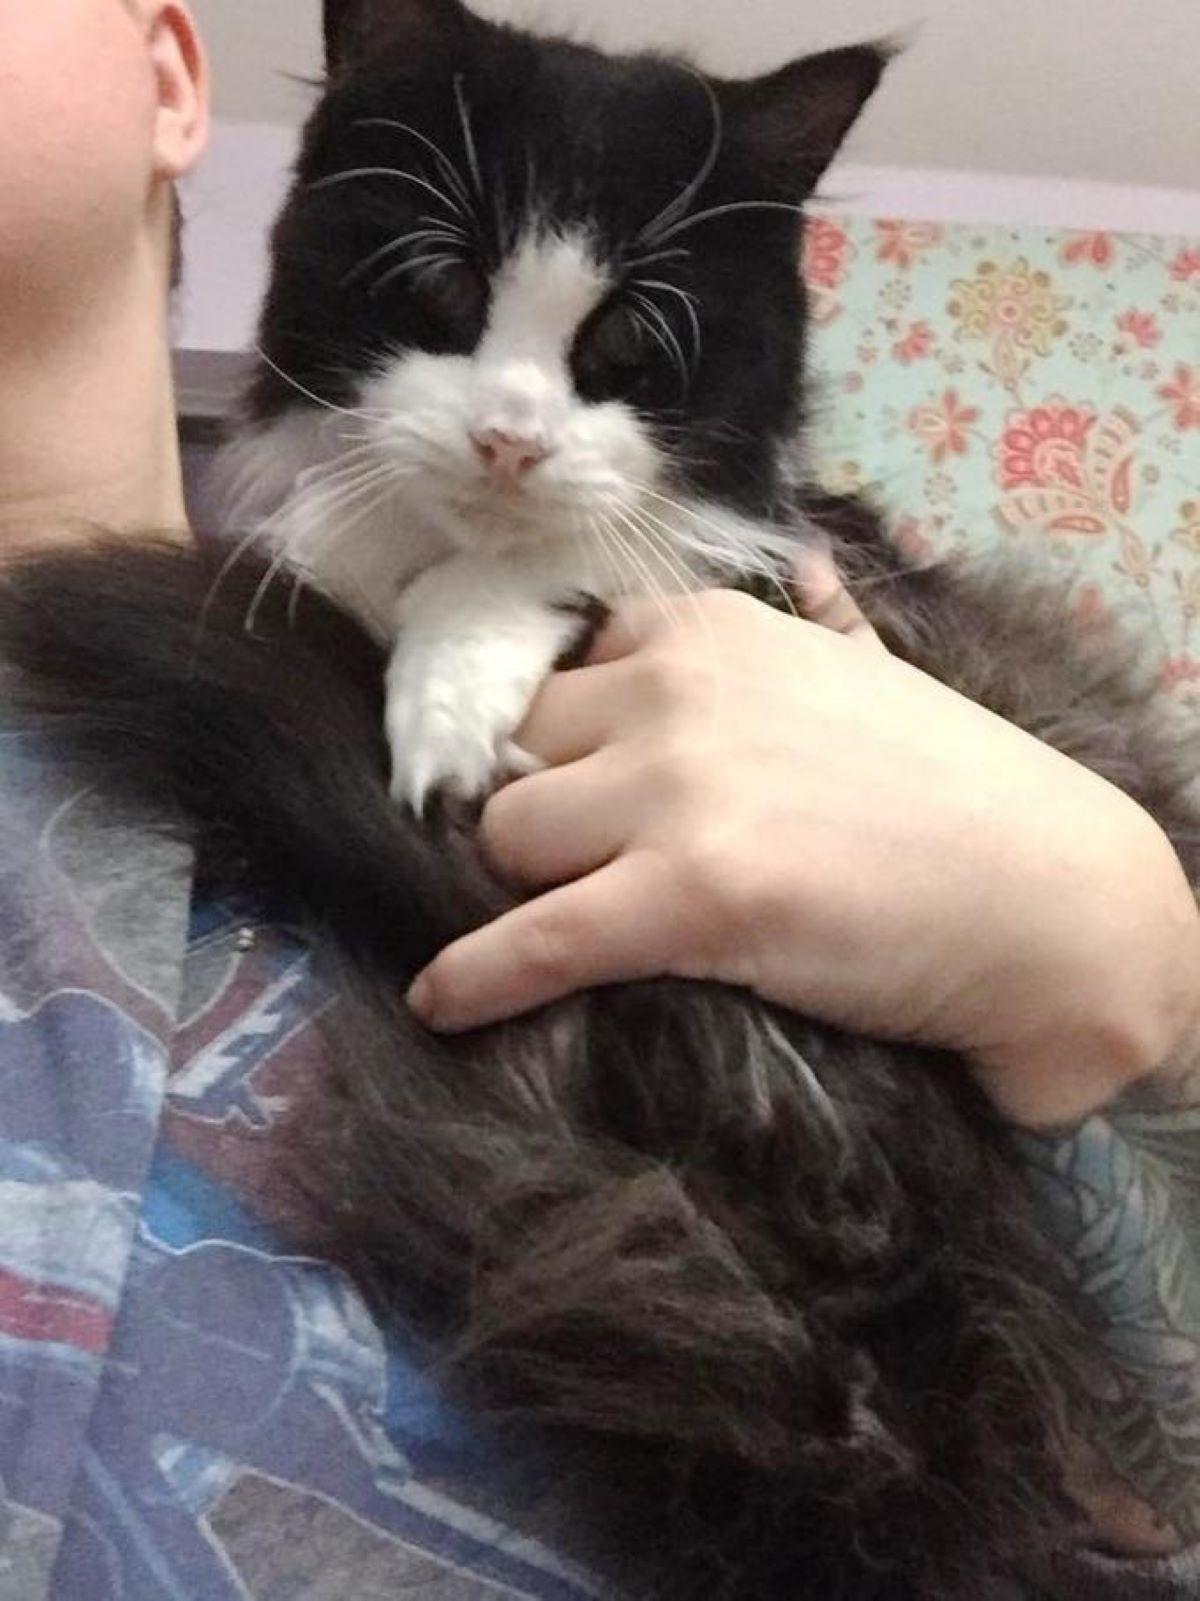 gatta-cieca-in-braccio